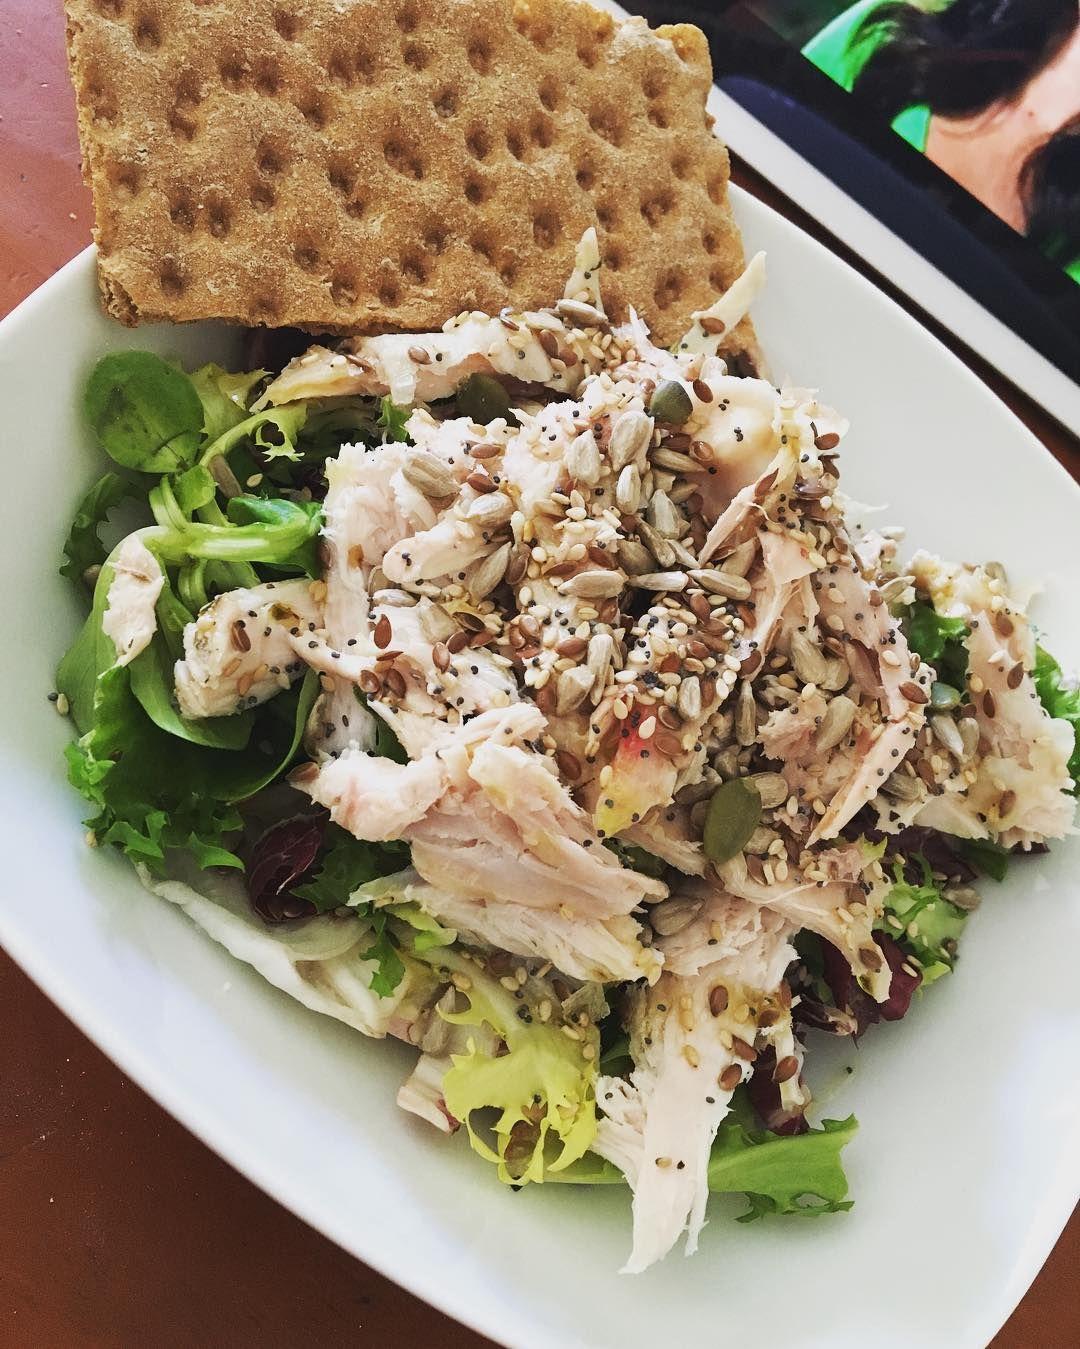 A coger fuerzas para seguir #viernes #feelingood #yopuedocontodo #chicken #salad #seeds #lunch